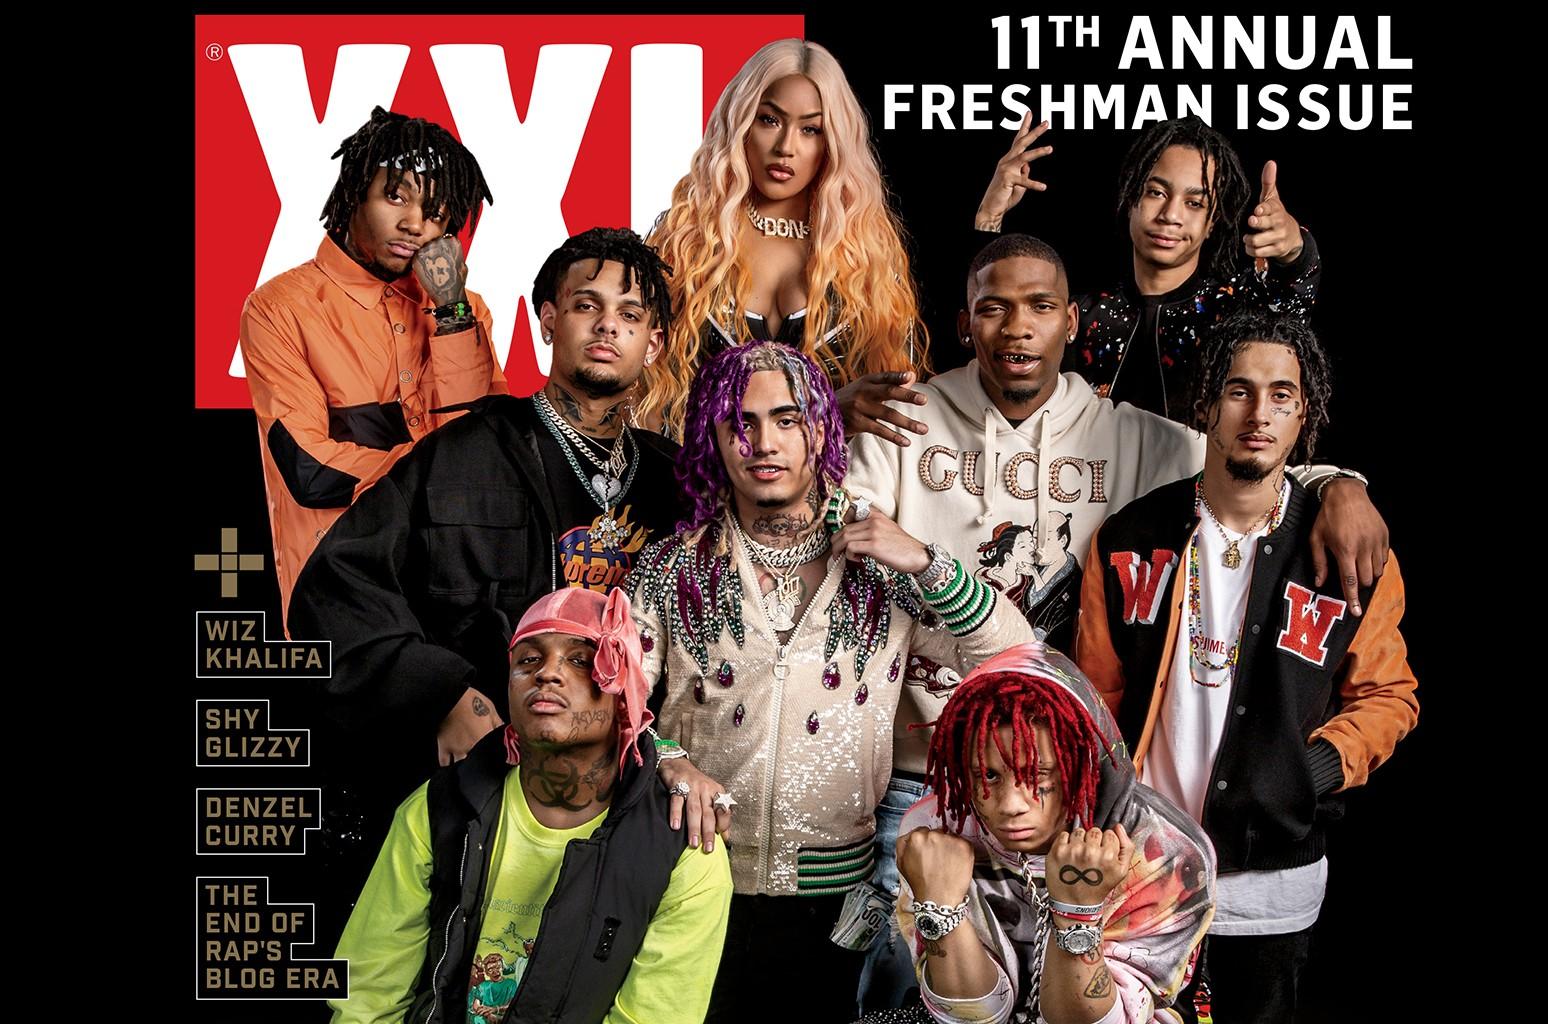 XXL's 11th Annual Freshman issue.